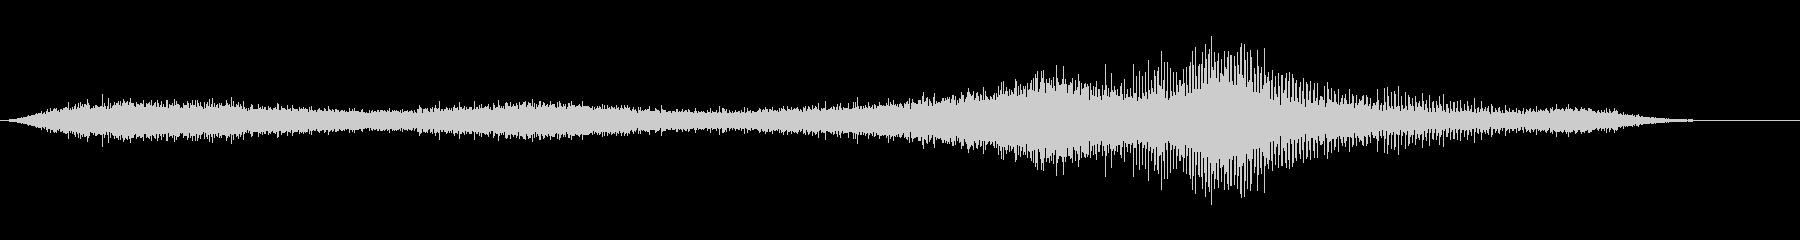 【生録音】 早朝の街 交通 環境音 2の未再生の波形